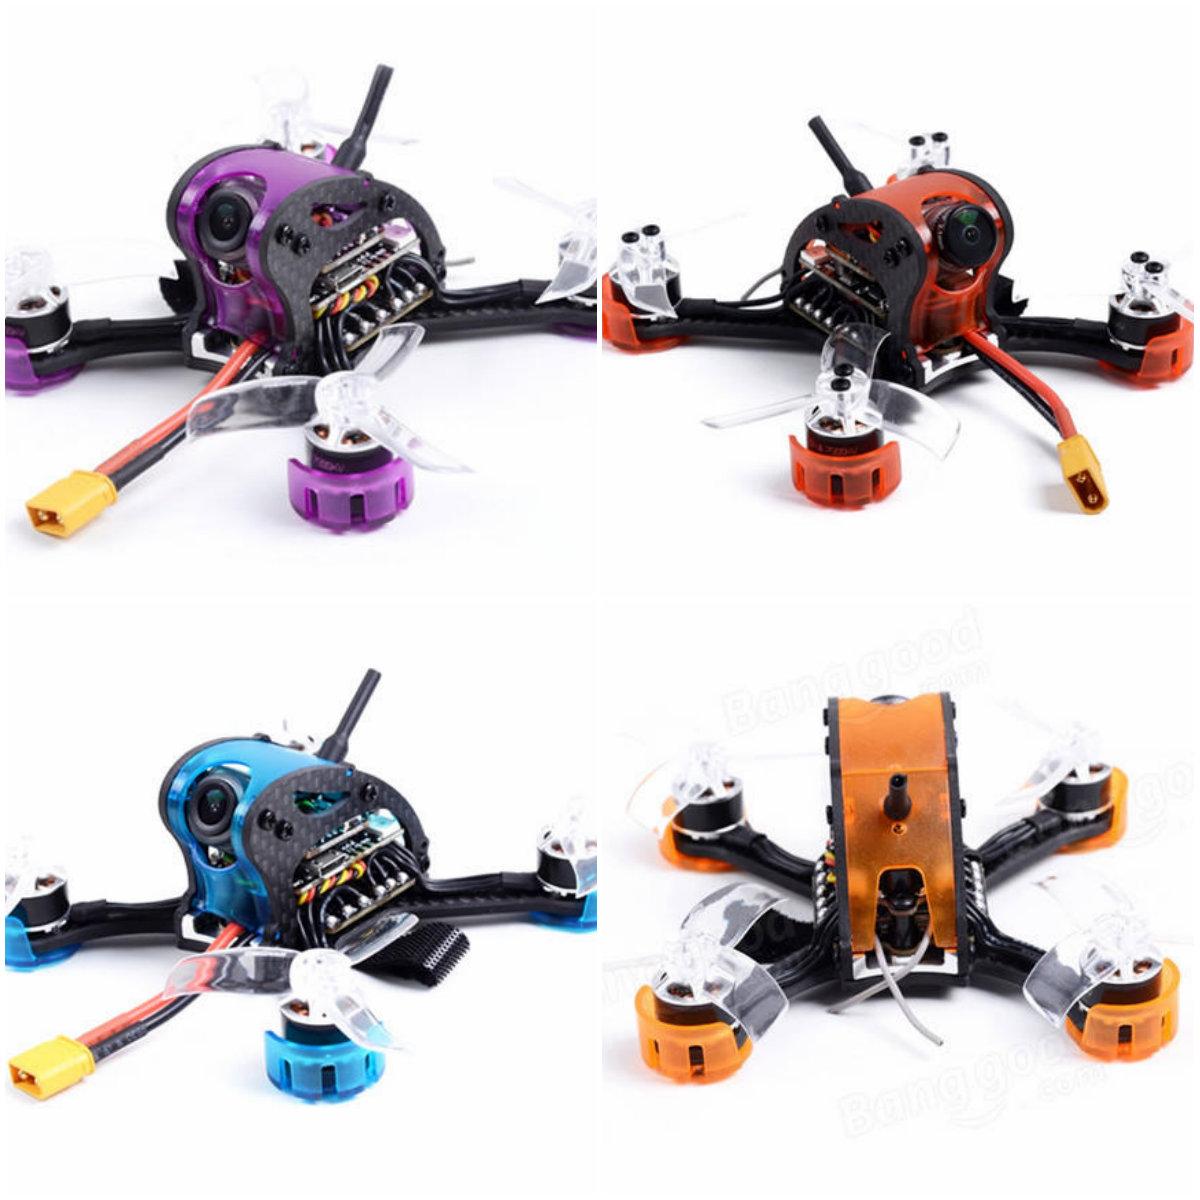 drones-Gofly-RC Falcon CP90PRO 100mm Mini RC FPV Racing Drone-Gofly RC Falcon CP90PRO 1